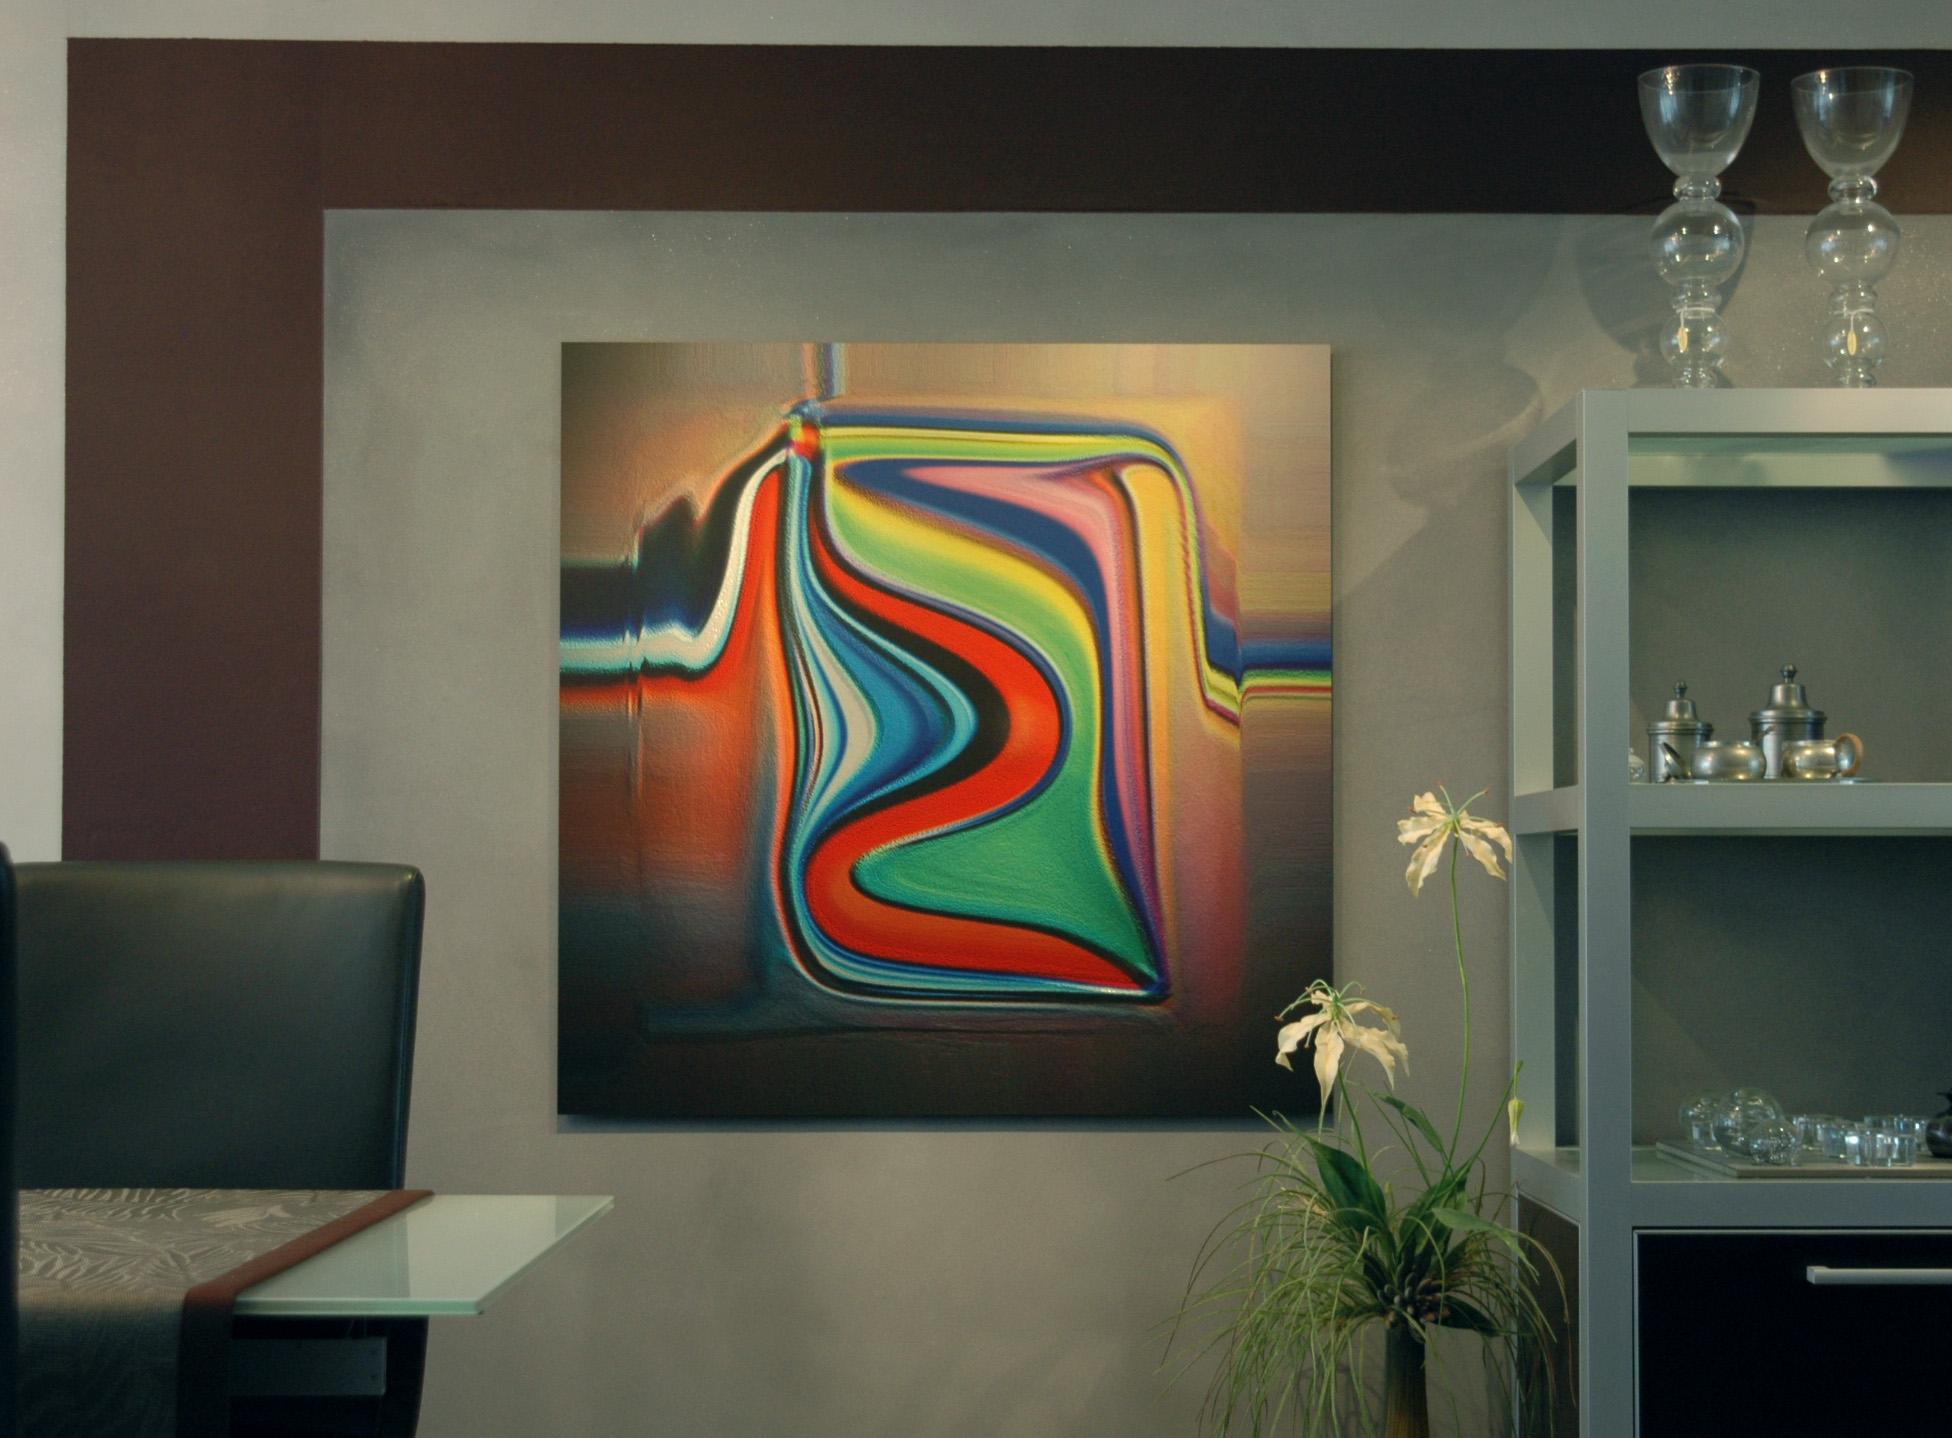 Monika Bauer, Farbenwelt, Farbexplosionen, Grafik Auswahl, Grafikdesign, Kunst, Design, Bilderwelt, Glaskunst, Glasdesign, Vermarktungs-Kunstwerke, Bildwerke,